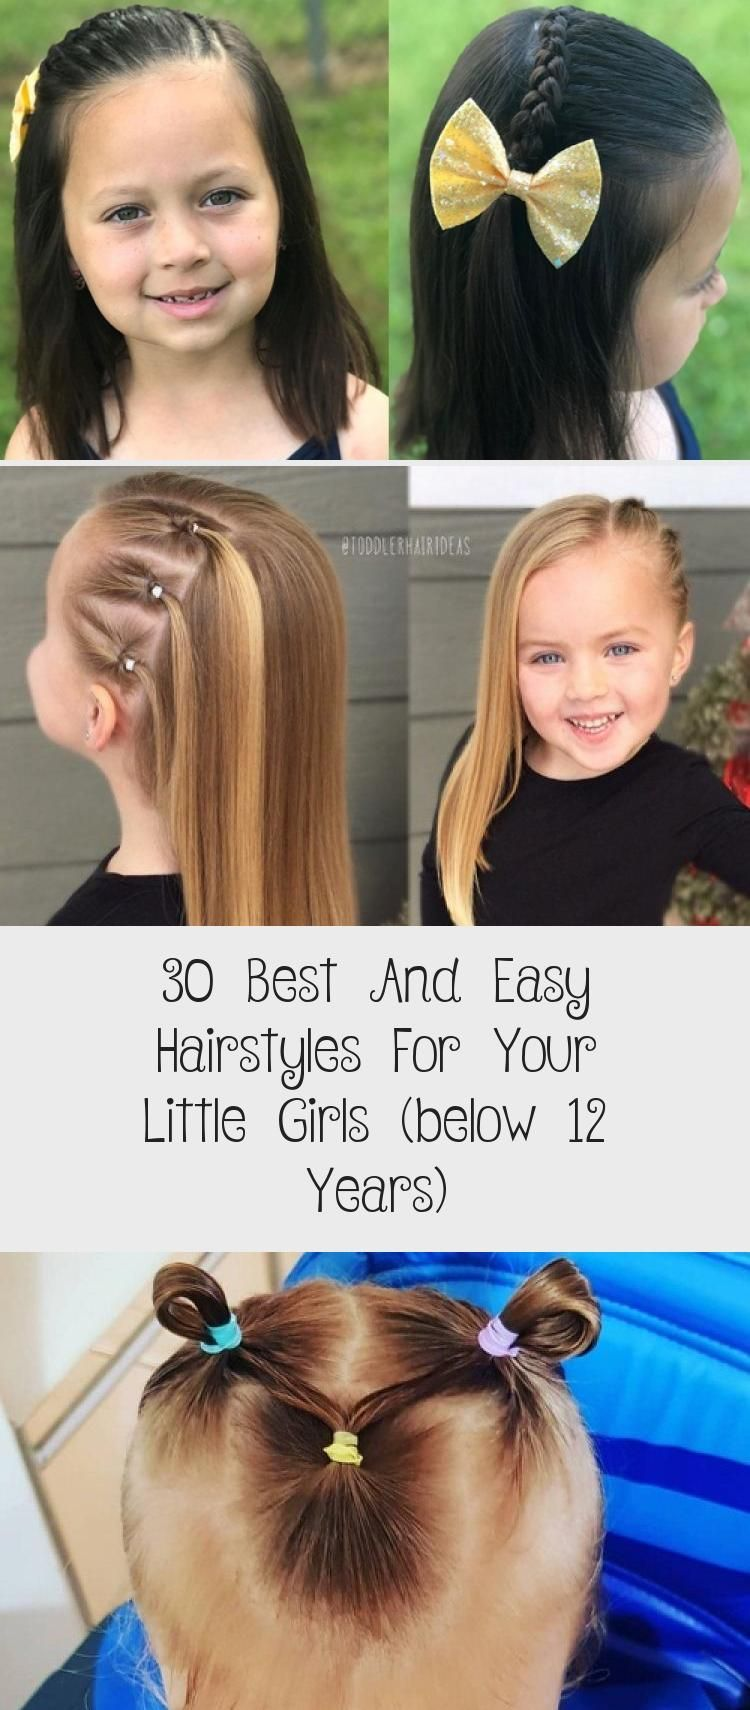 30 besten und einfachsten Frisuren für Ihre kleinen Mädchen (unter 12 Jahren) – Pinokyo